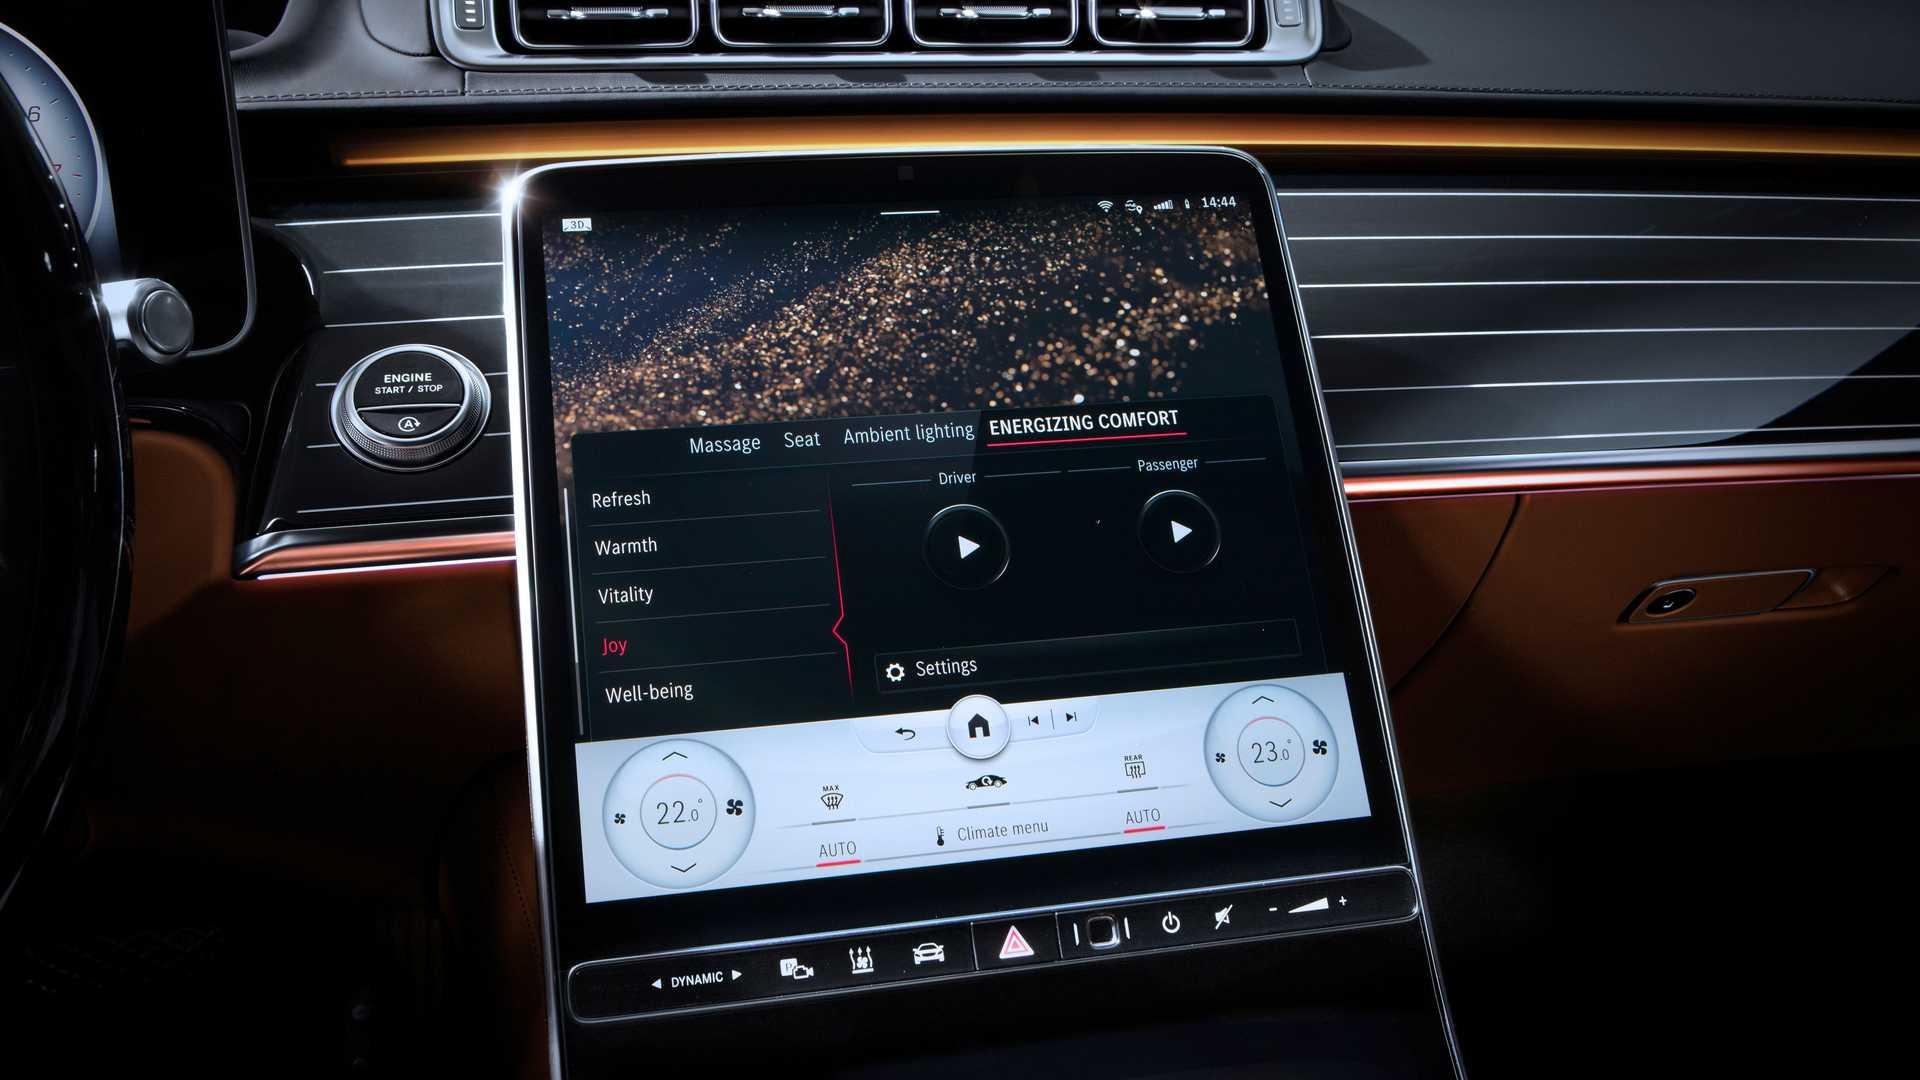 2021-mercedes-benz-s-class-screen